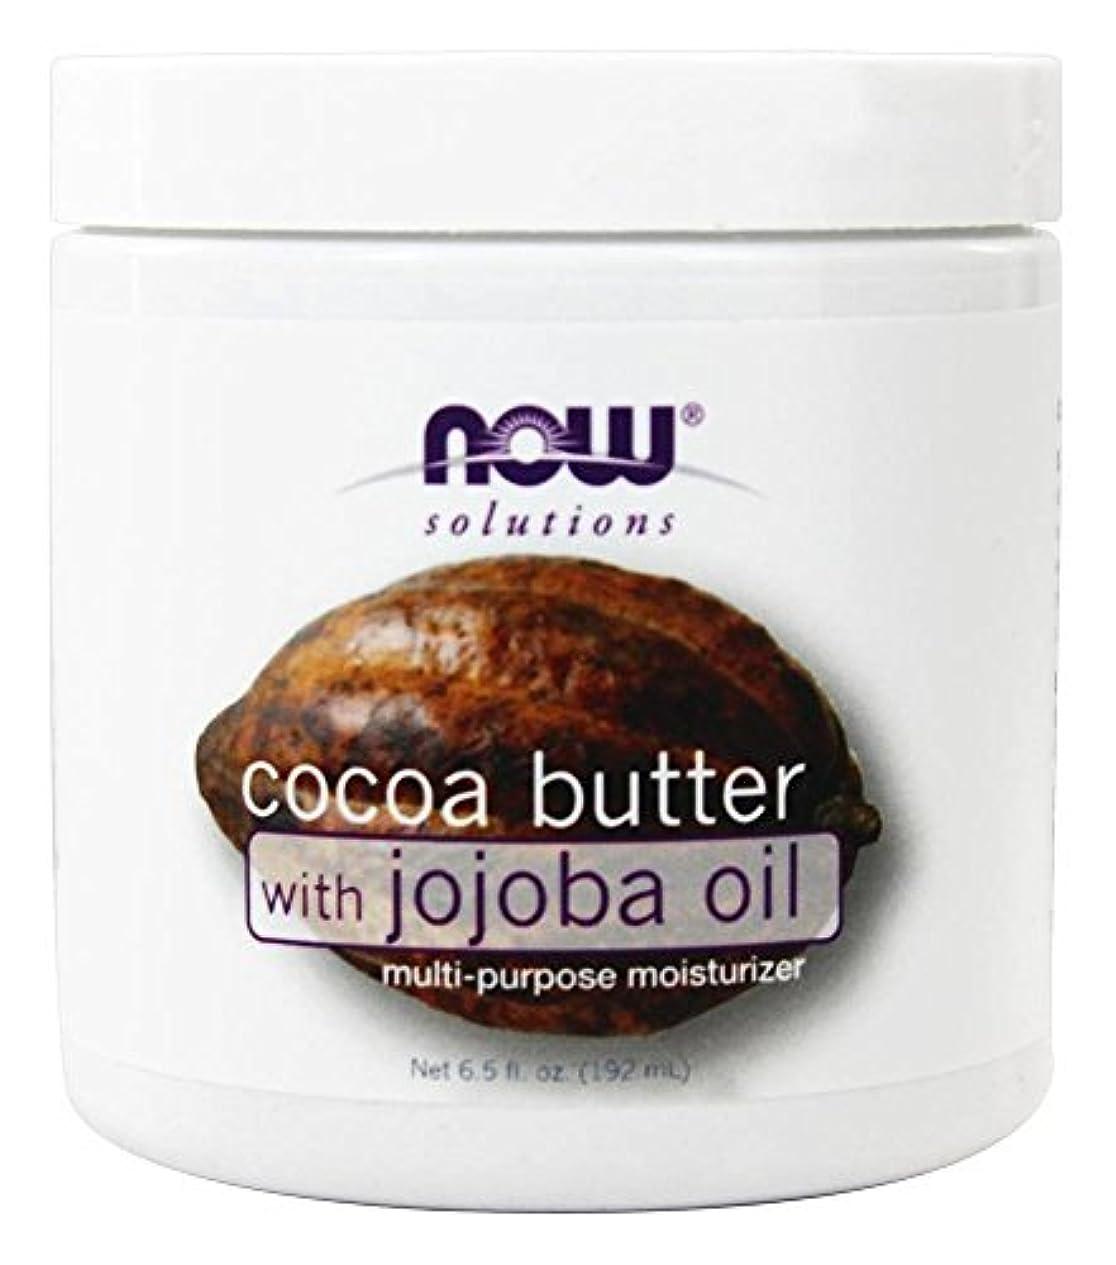 放射能肺炎赤外線NOW Foods - Jojobaオイルの多目的Moisturizerが付いているココアバター - 6.5ポンド [並行輸入品]